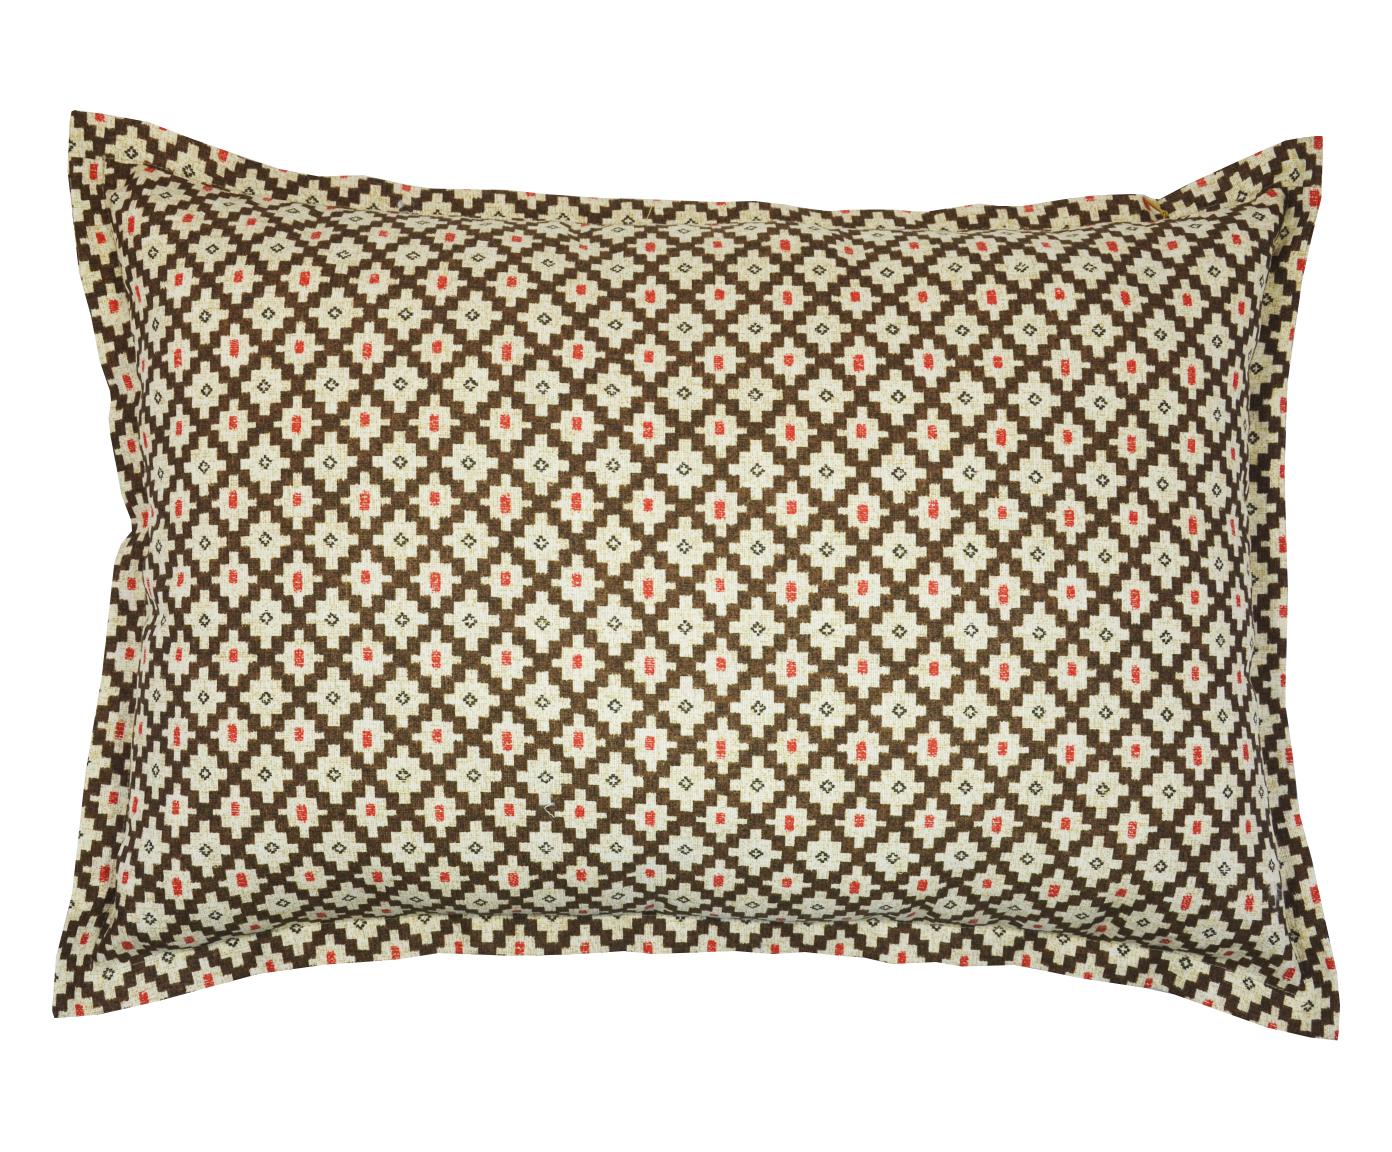 Наволочка Calella brownПрямоугольные подушки и наволочки<br>Наволочка декоративная для подушки размером 50х70 см.<br><br>Material: Хлопок<br>Width см: 65<br>Height см: 45